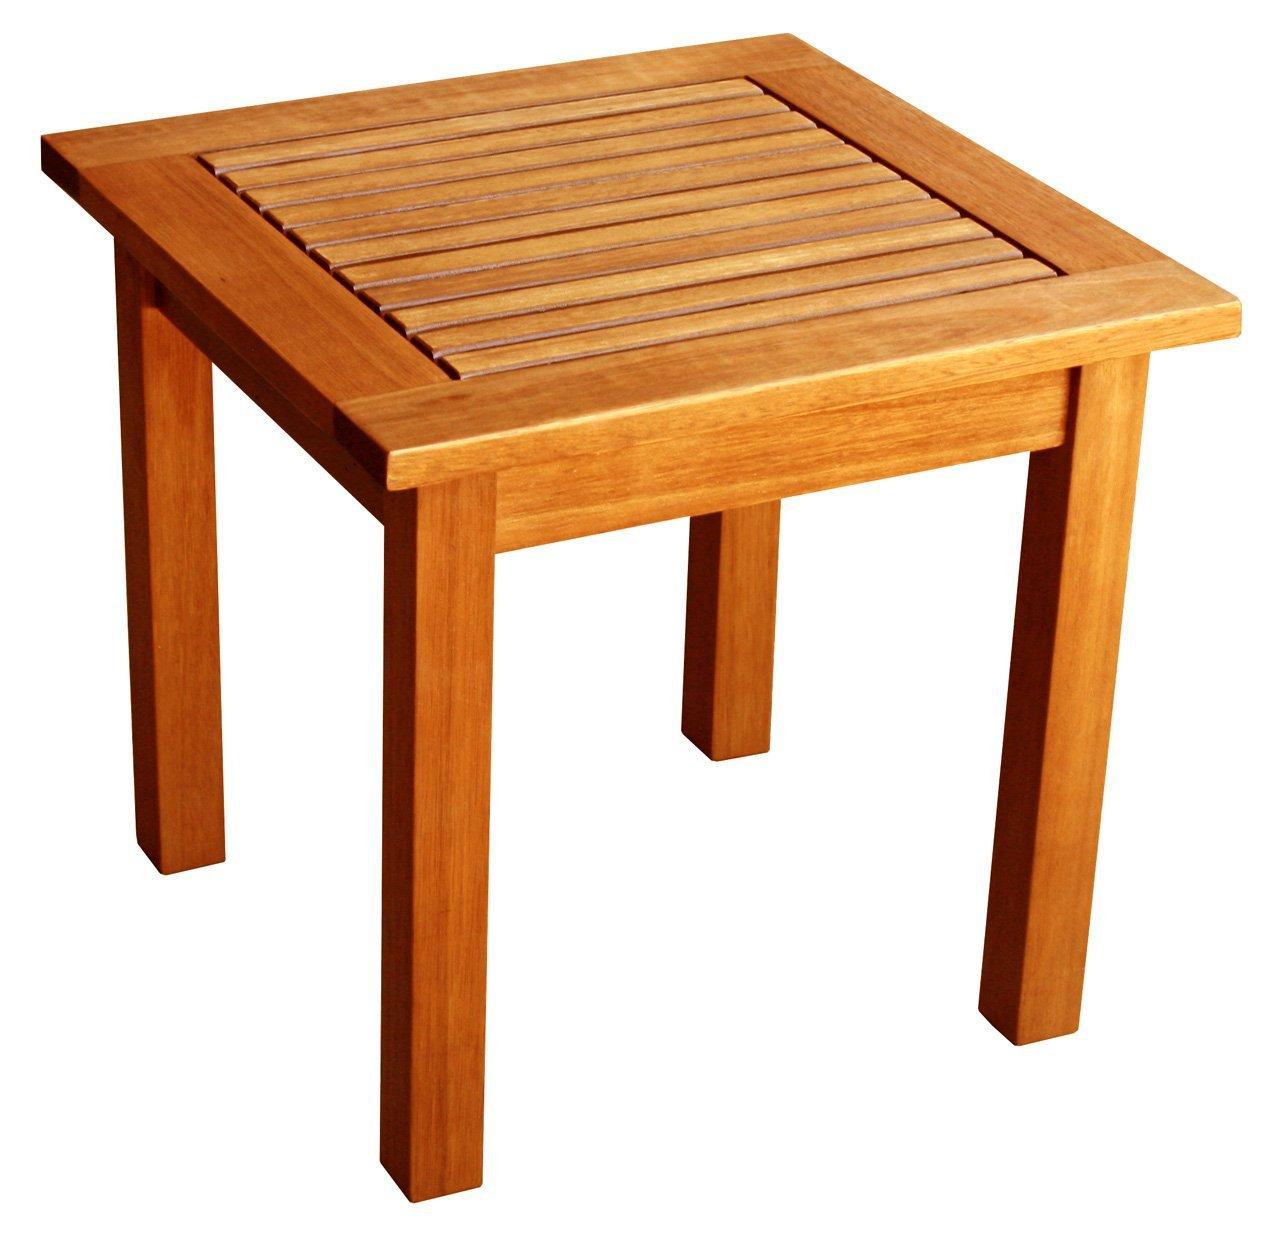 Çıtalı Kare Sehpa Teak square coffee table TN151 Bahçe Mobilyam